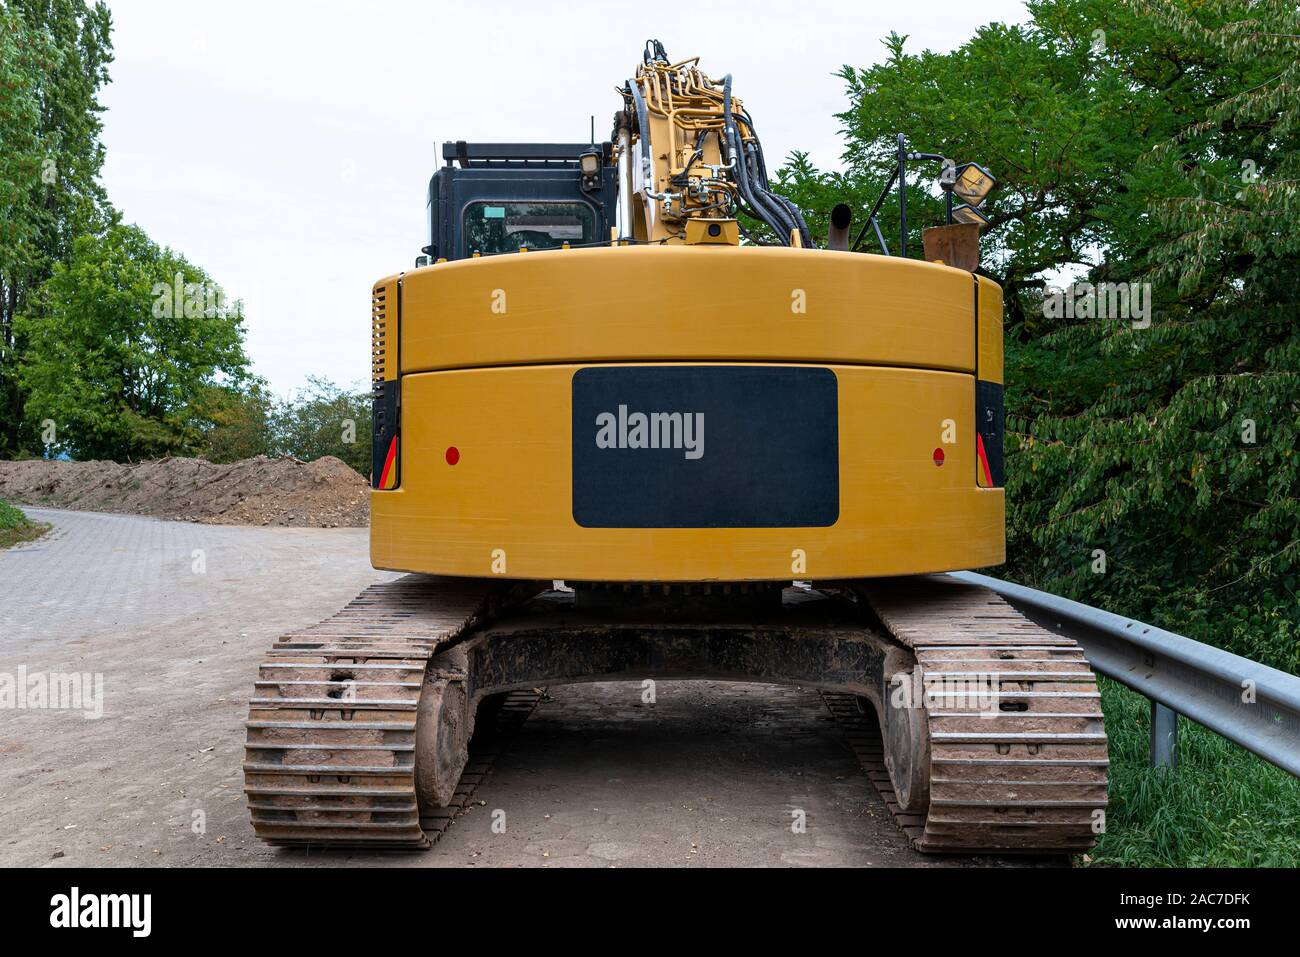 Una gran excavadora amarilla visible desde la parte trasera, de pie en el cemento. Foto de stock